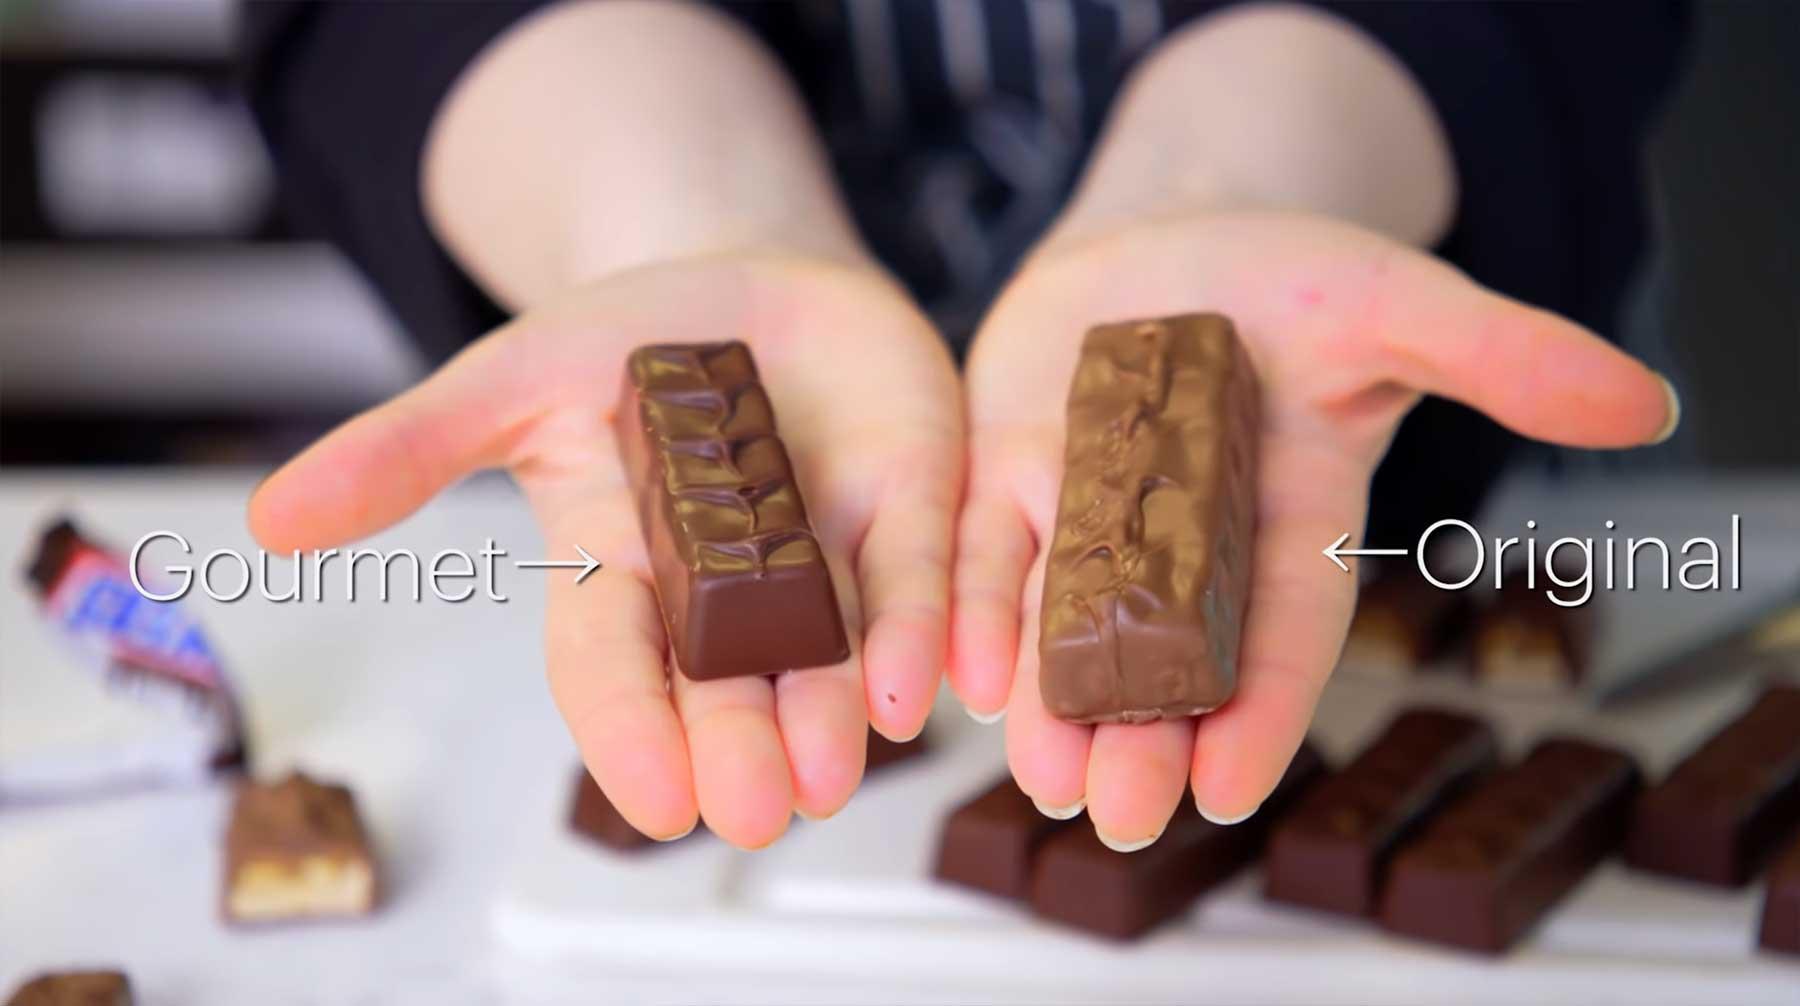 Gourmet-Konditorin versucht, Snickers-Riegel nachzumachen